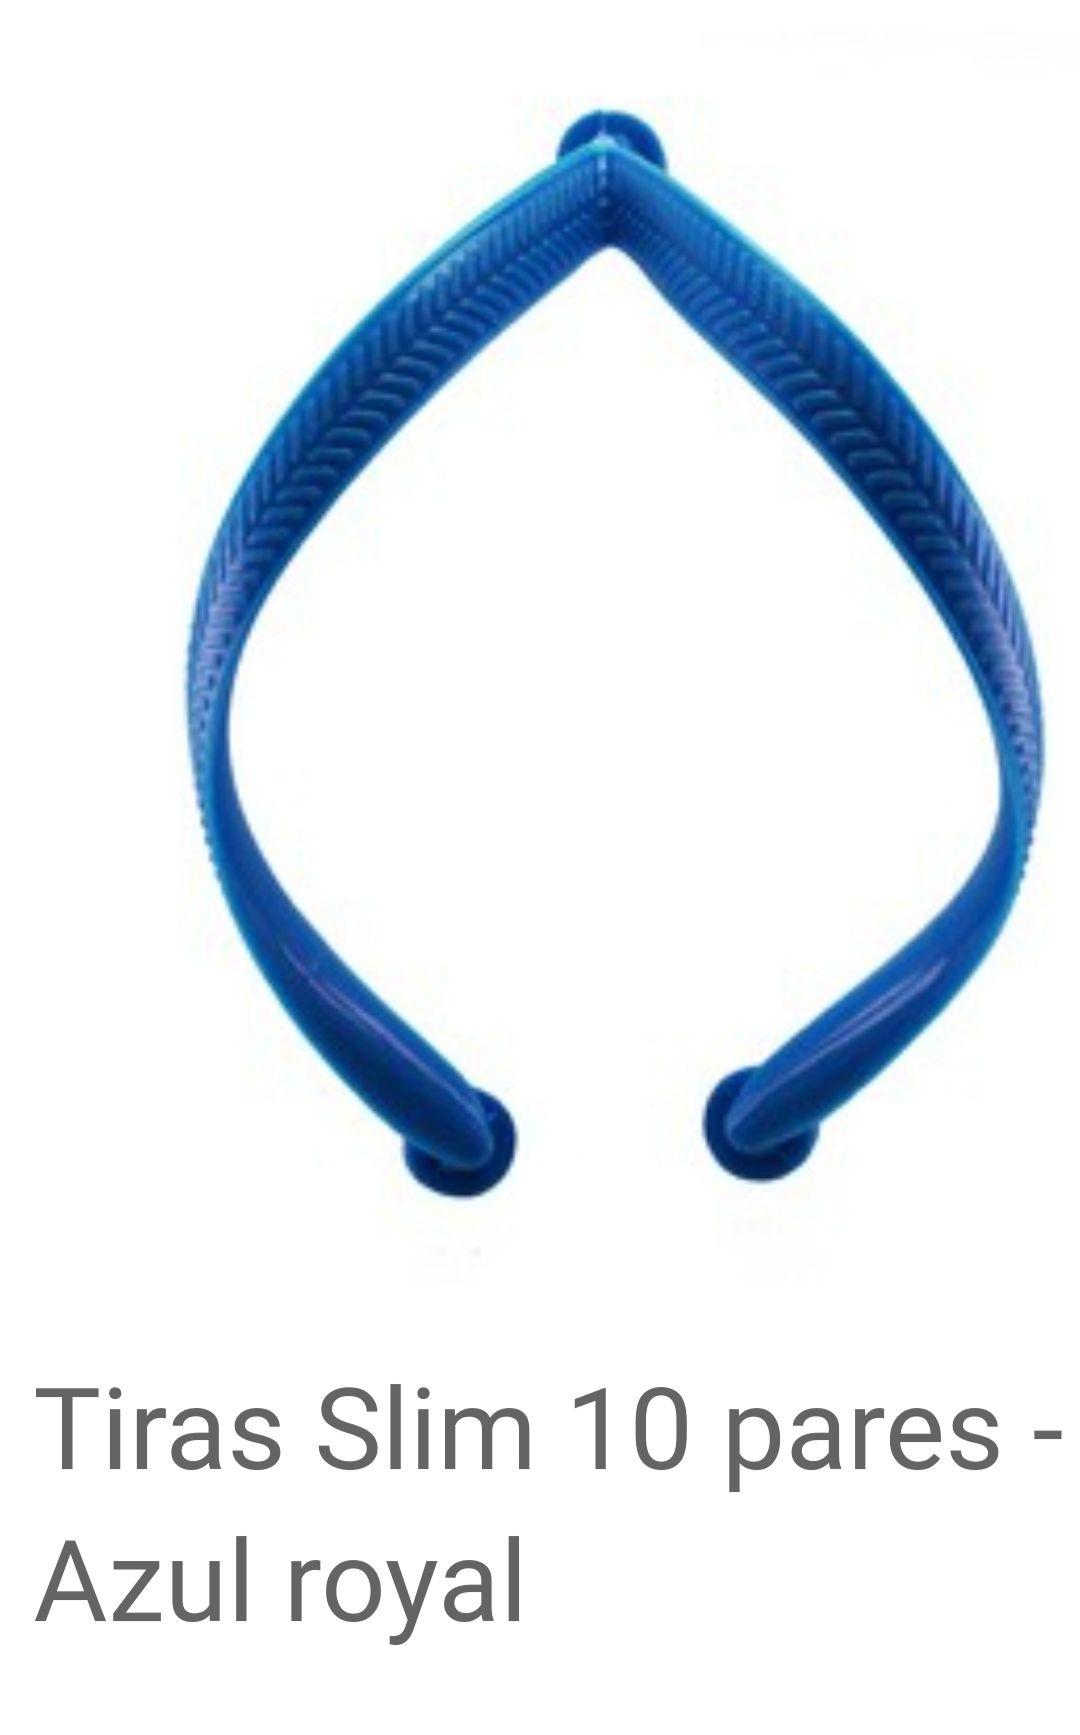 Tiras slim Azul Royal com 10 pares